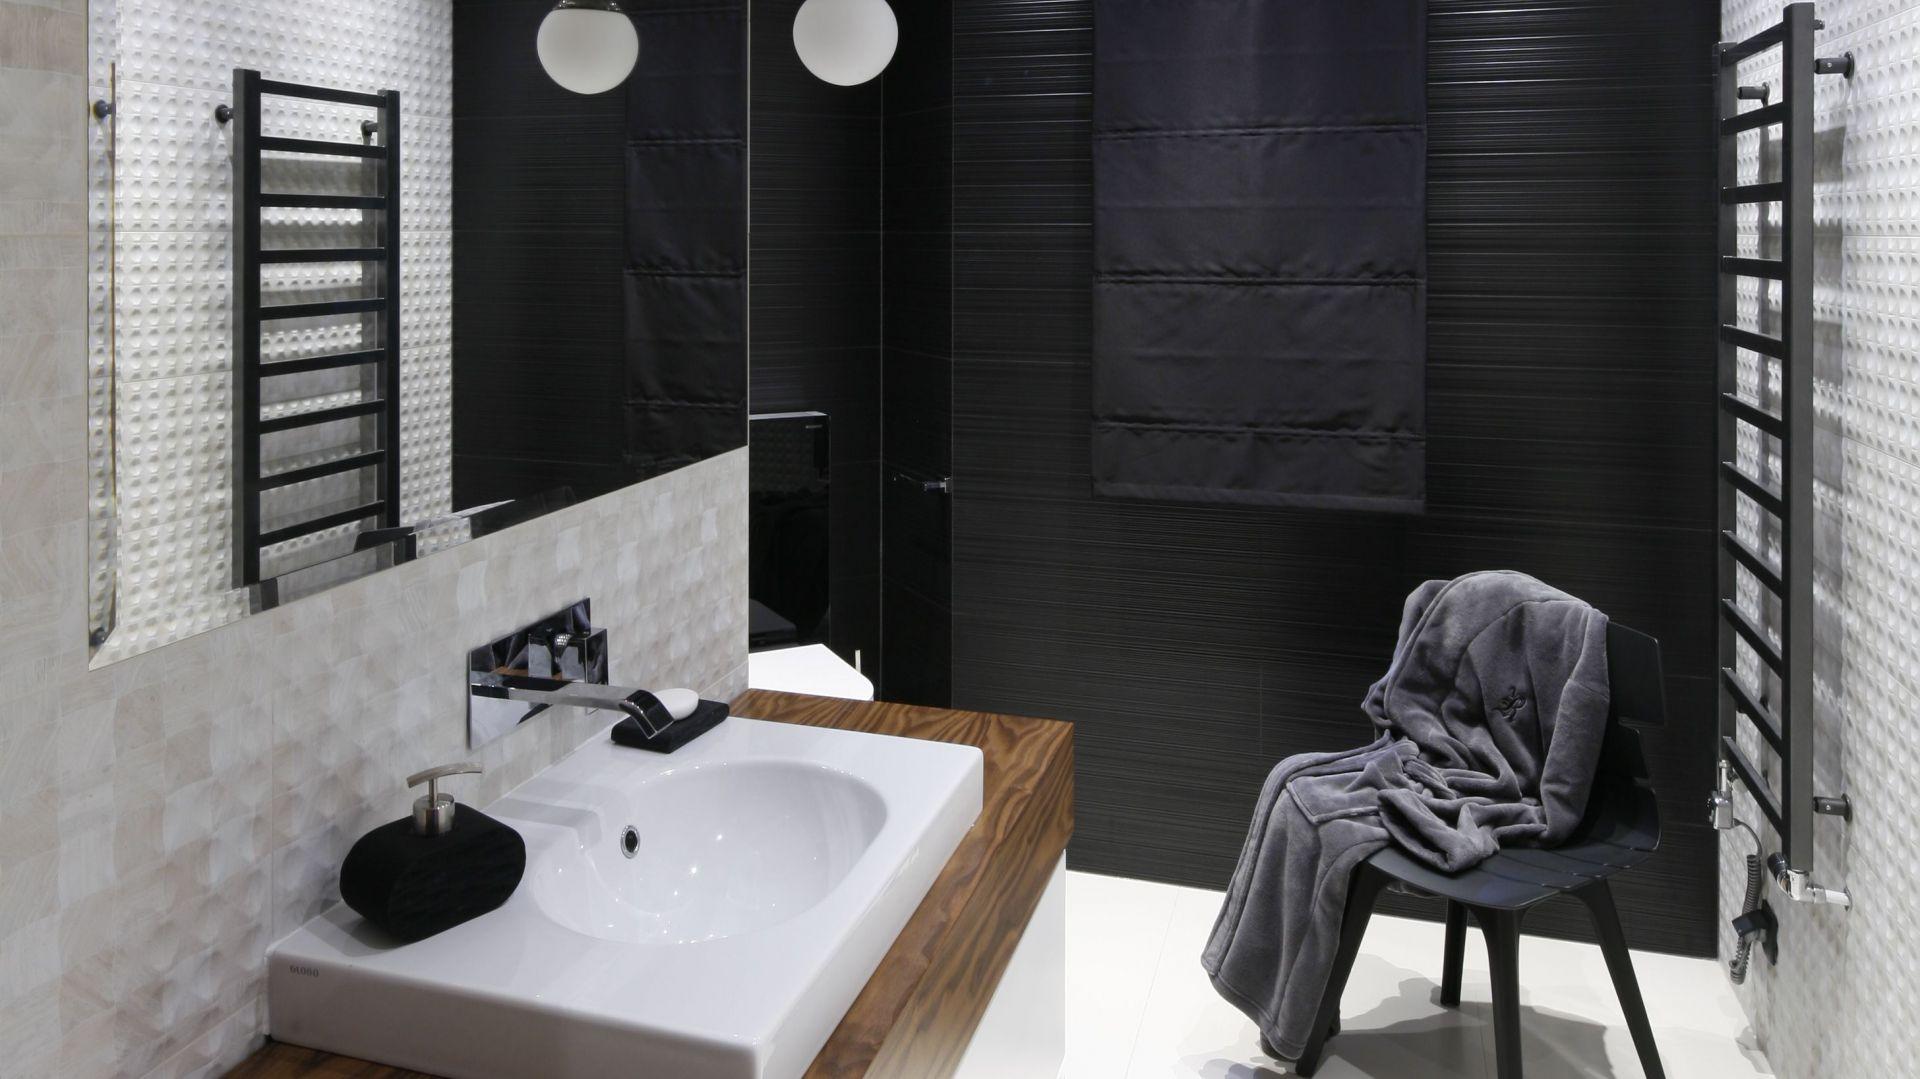 Pomysł na strefę umywalki. Proj. Jan Sikora. Fot. Bartosz Jarosz